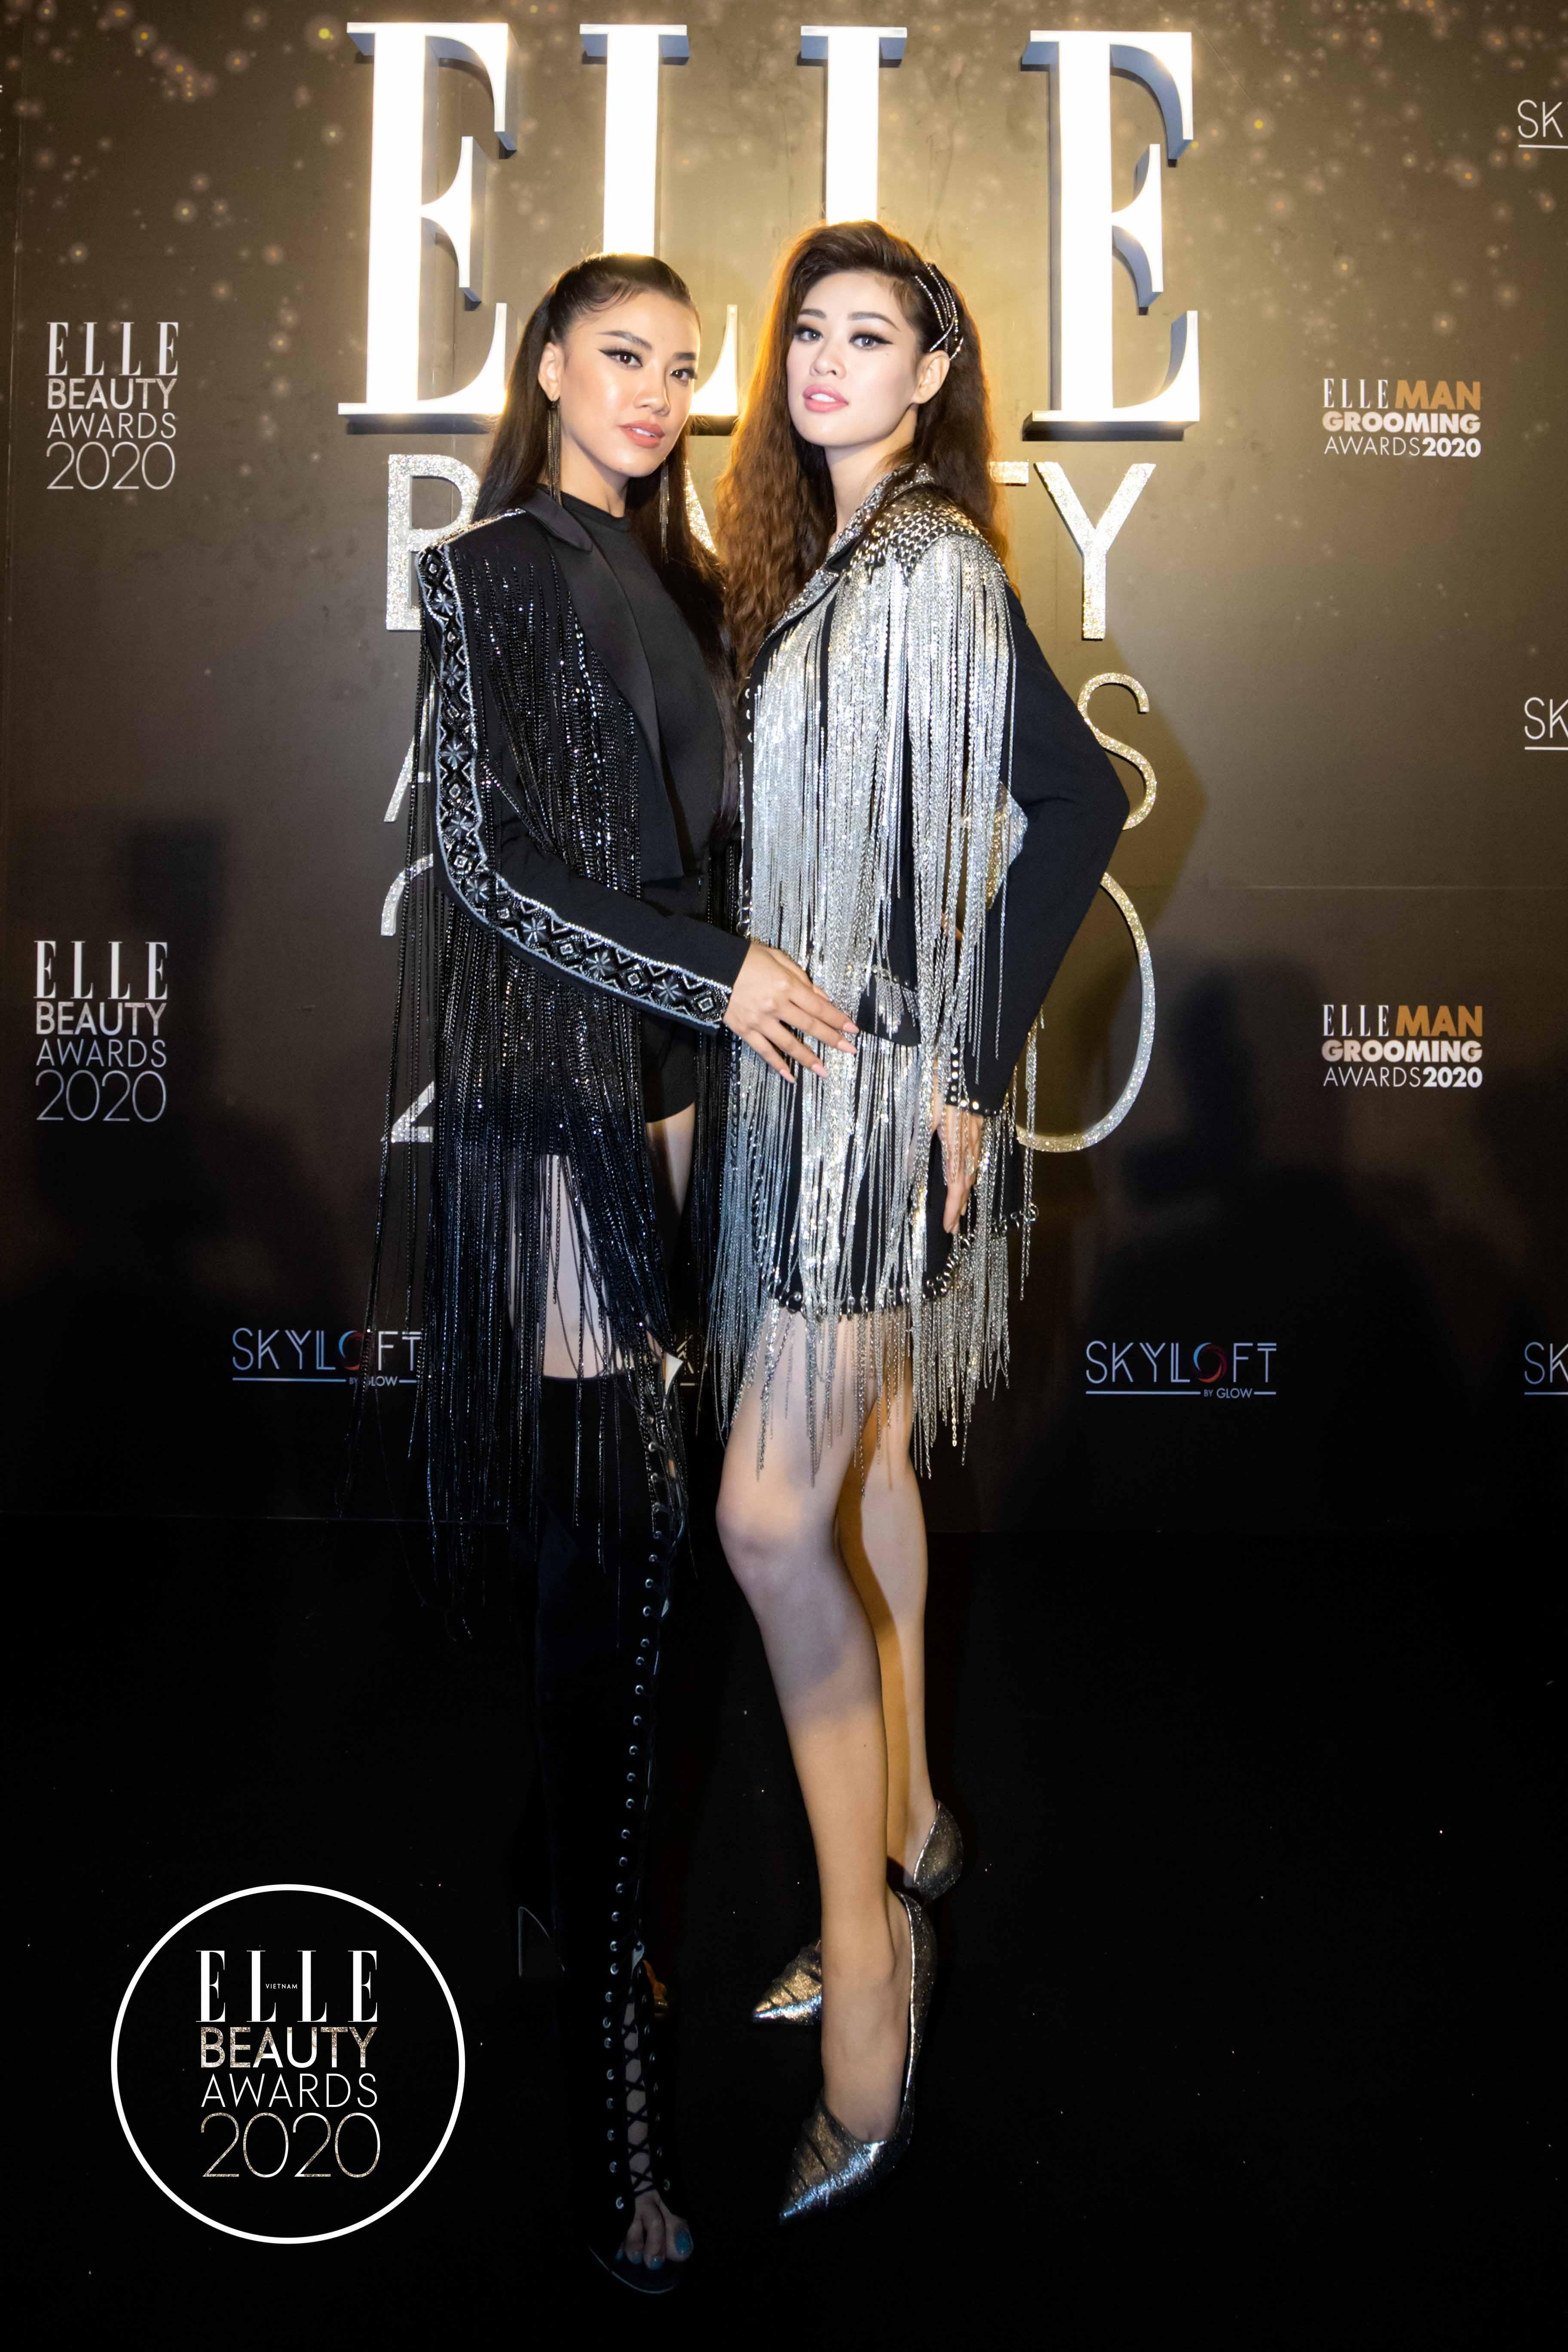 Hoa hậu Hoàn vũ 2019 Khánh Vân và Á hậu Kim Duyên